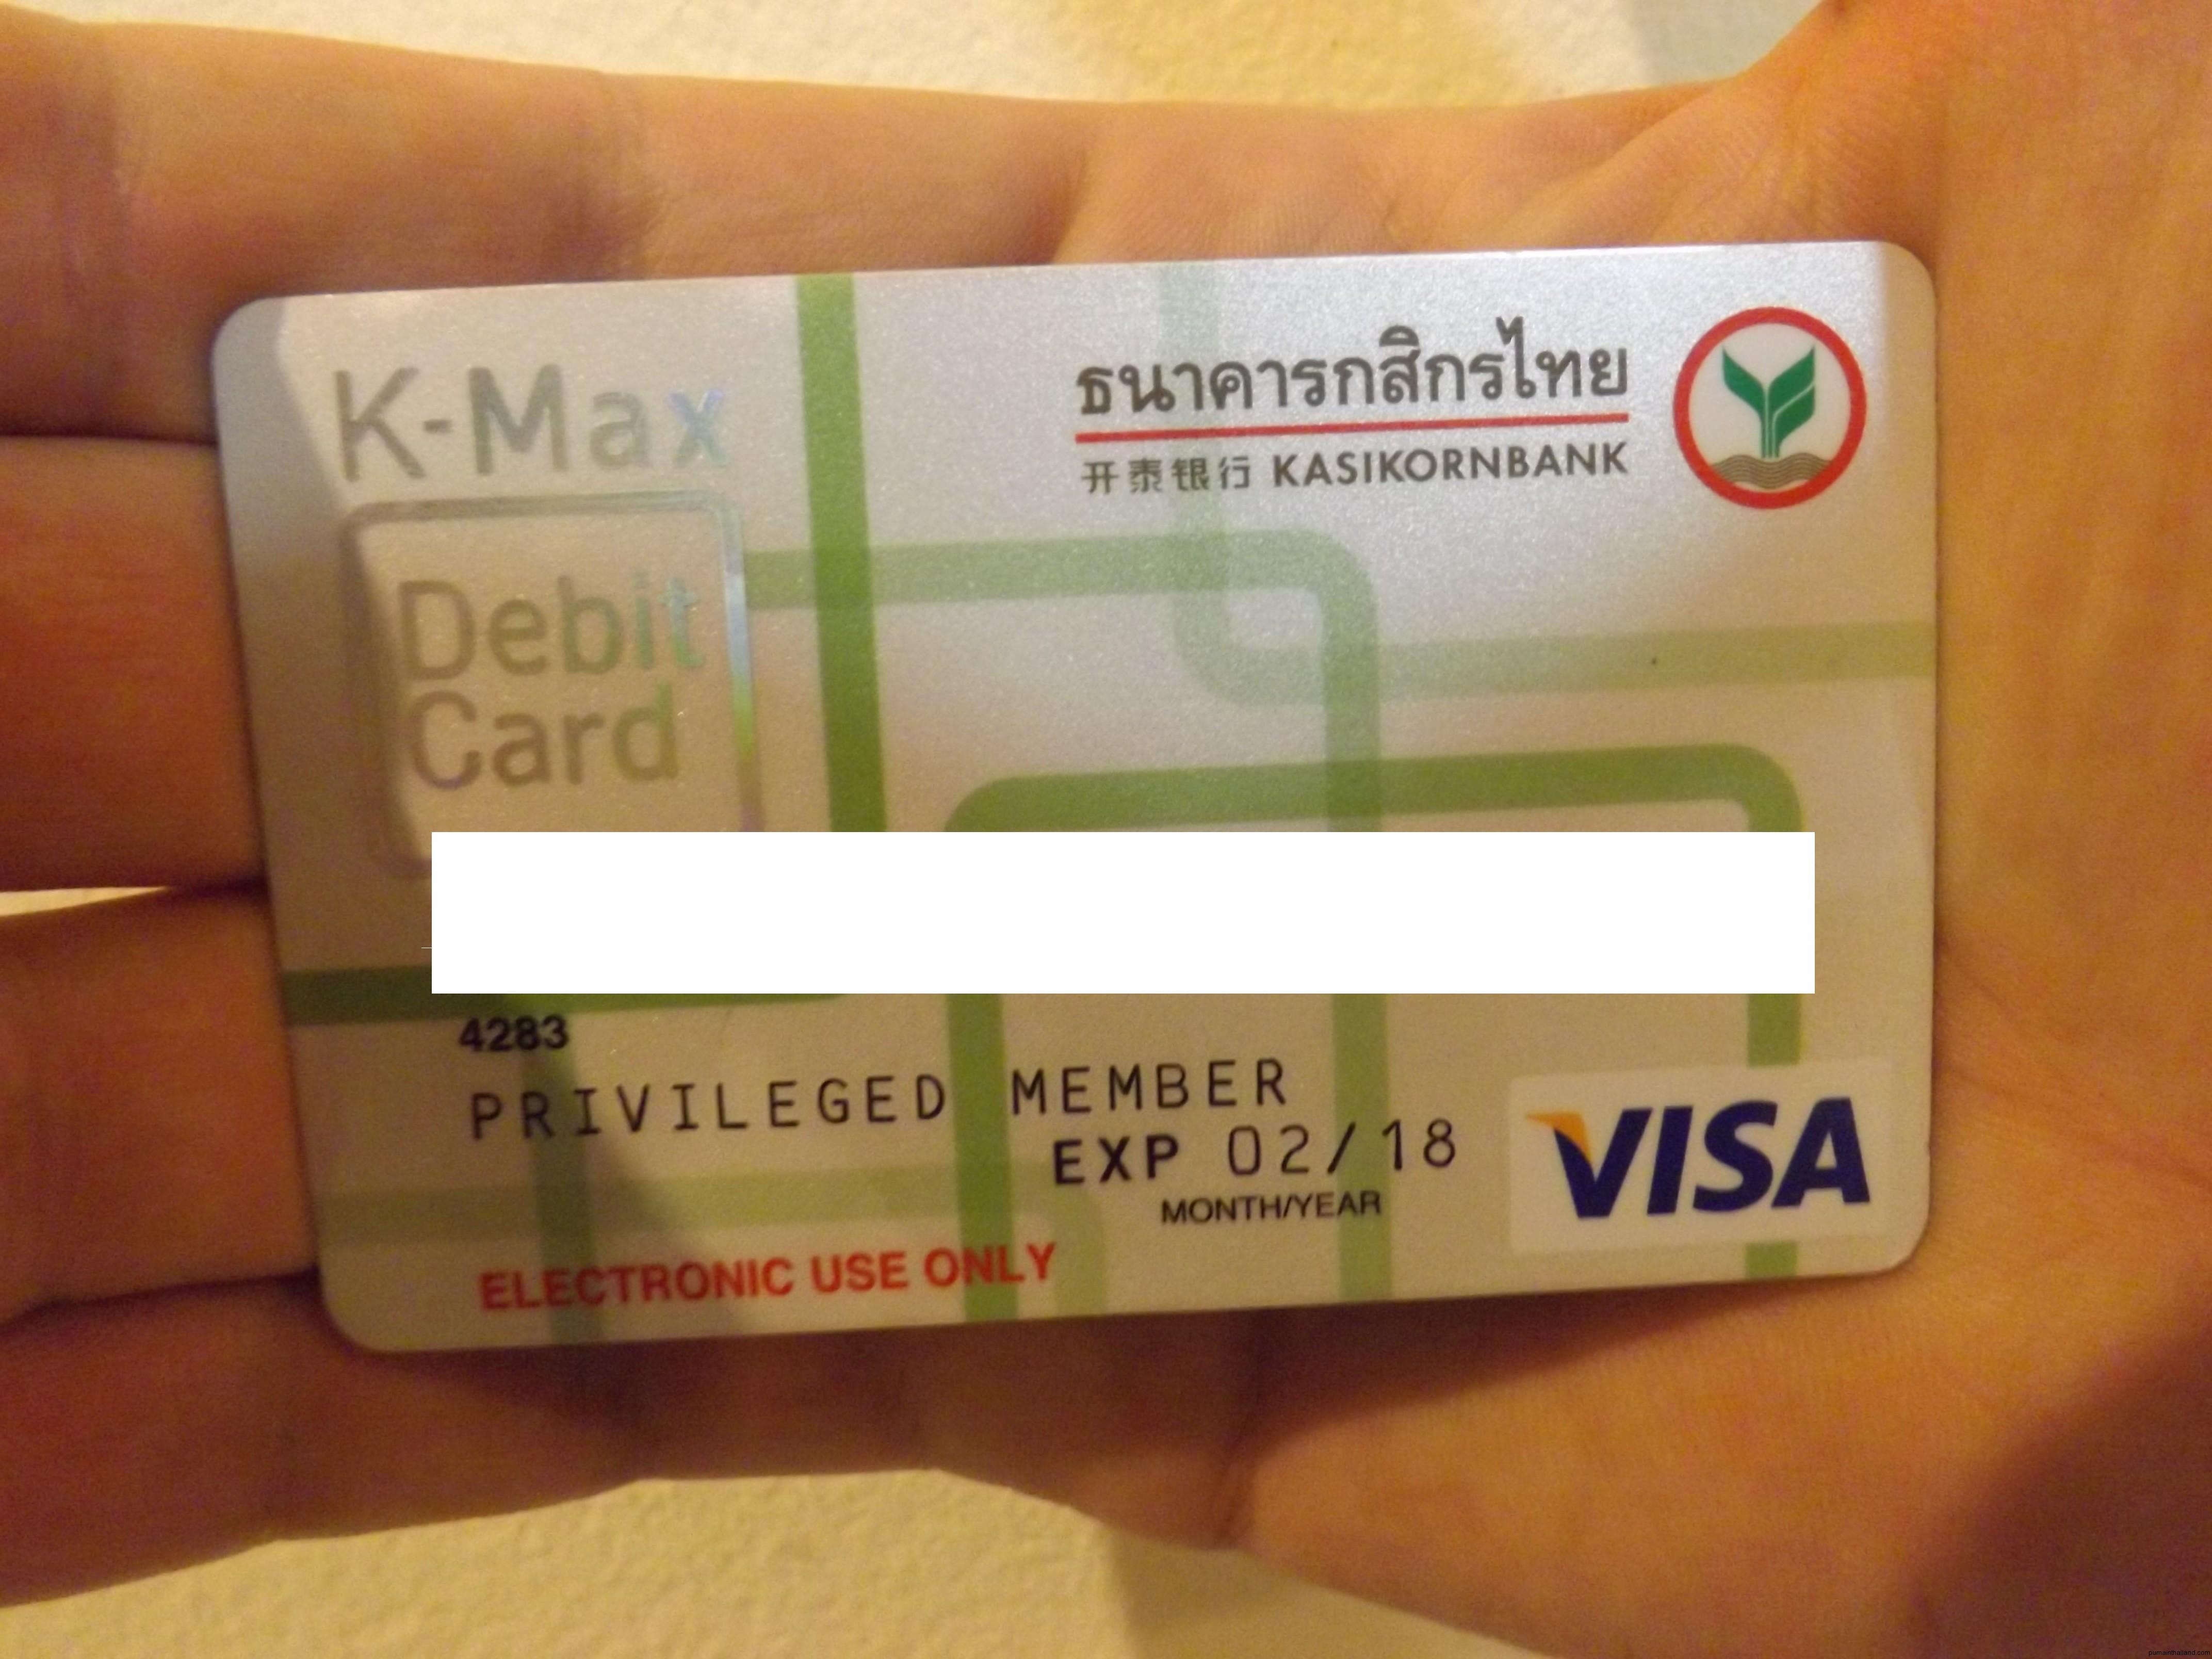 открыть банковскую карту в тайланде